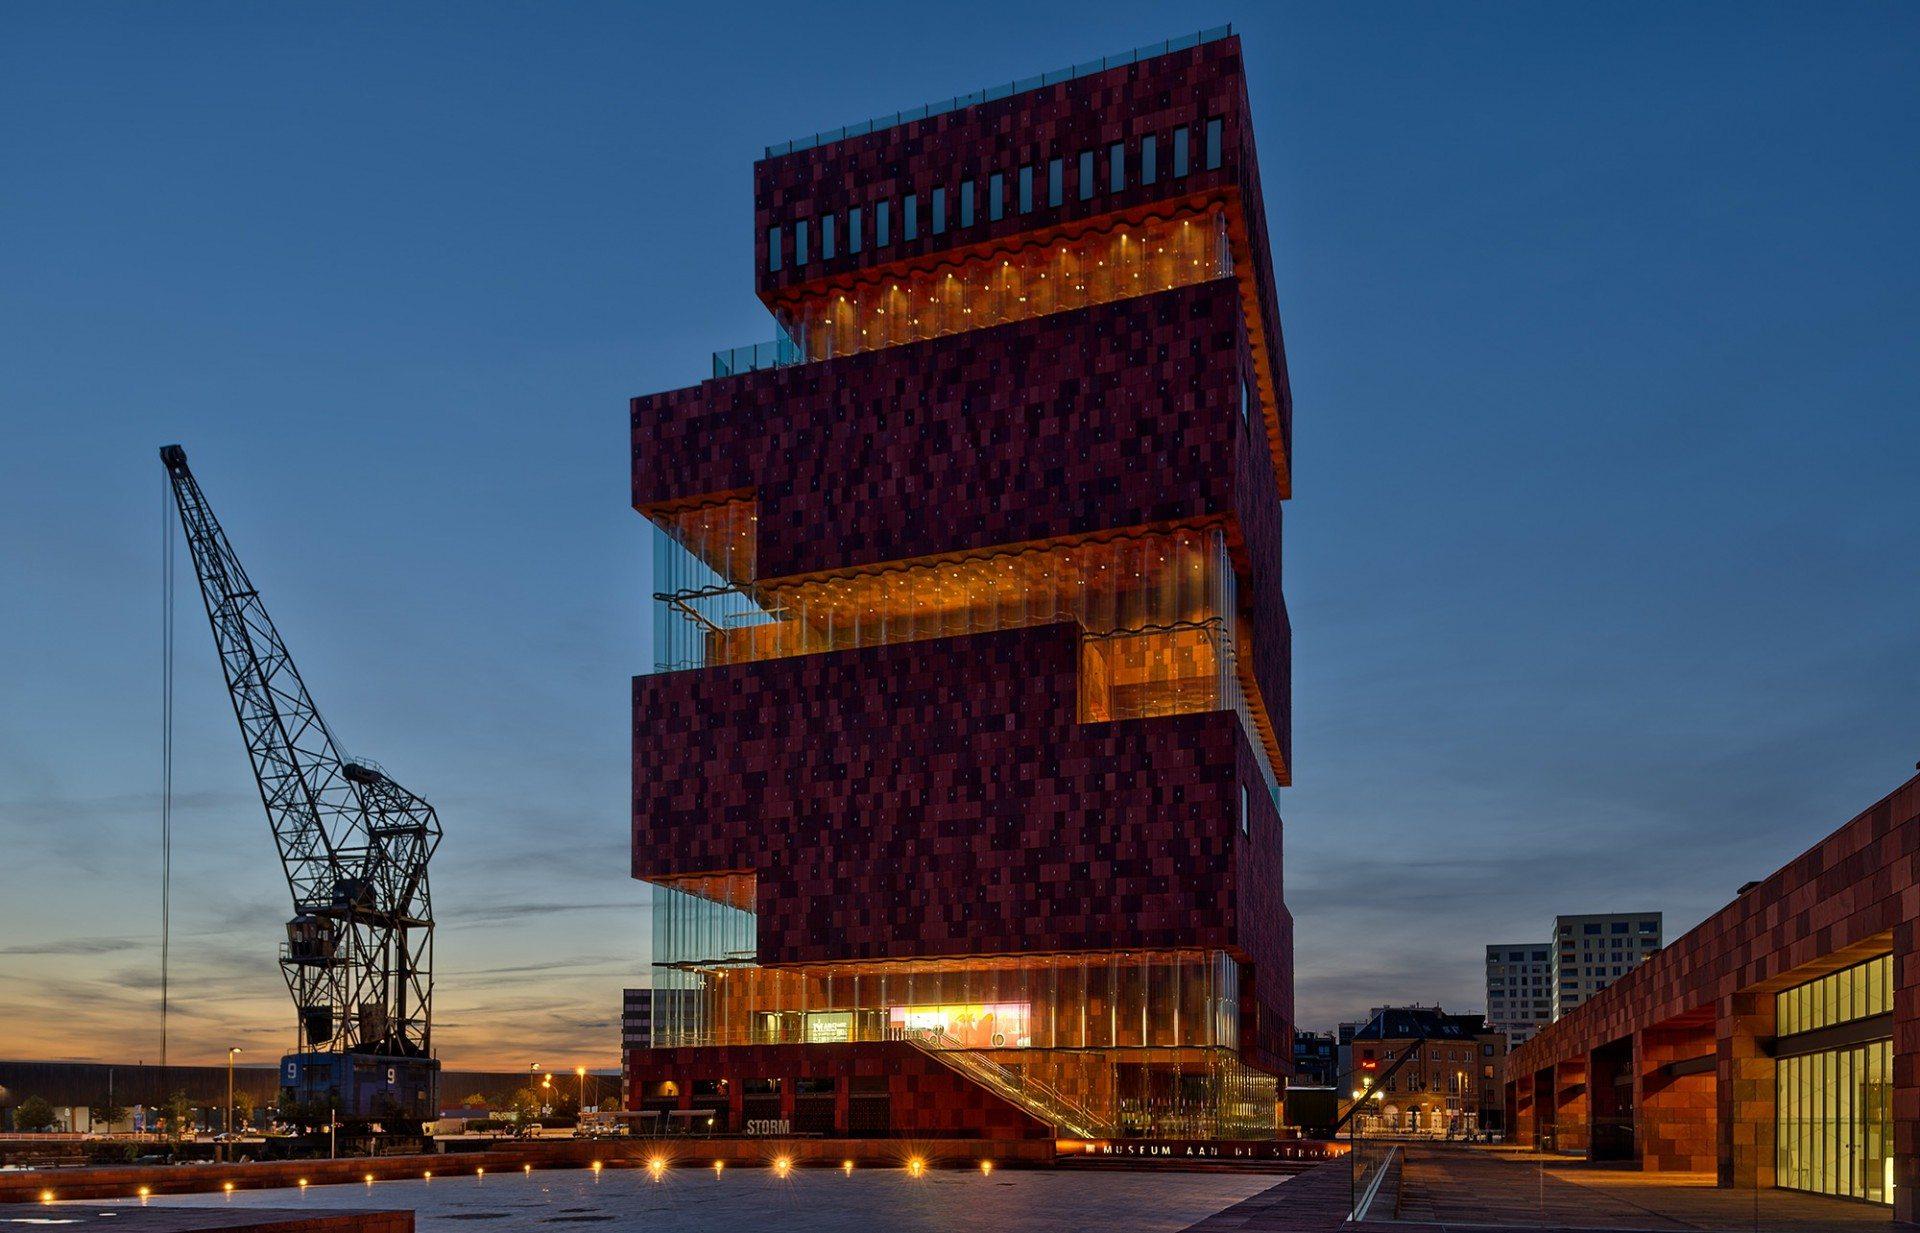 Kraftvoll. Das MAS wurde als sechzig Meter hoher Turm entworfen. Die Architekten stapelten zehn gewaltige Naturstein-Volumina übereinander. Der Museumsbau wird somit zur Metapher der schweren Geschichte der Stadt. Jedes Stockwerk des Turms wurde um ein Viertel gedreht, um eine Art Wendelgang zu schaffen.